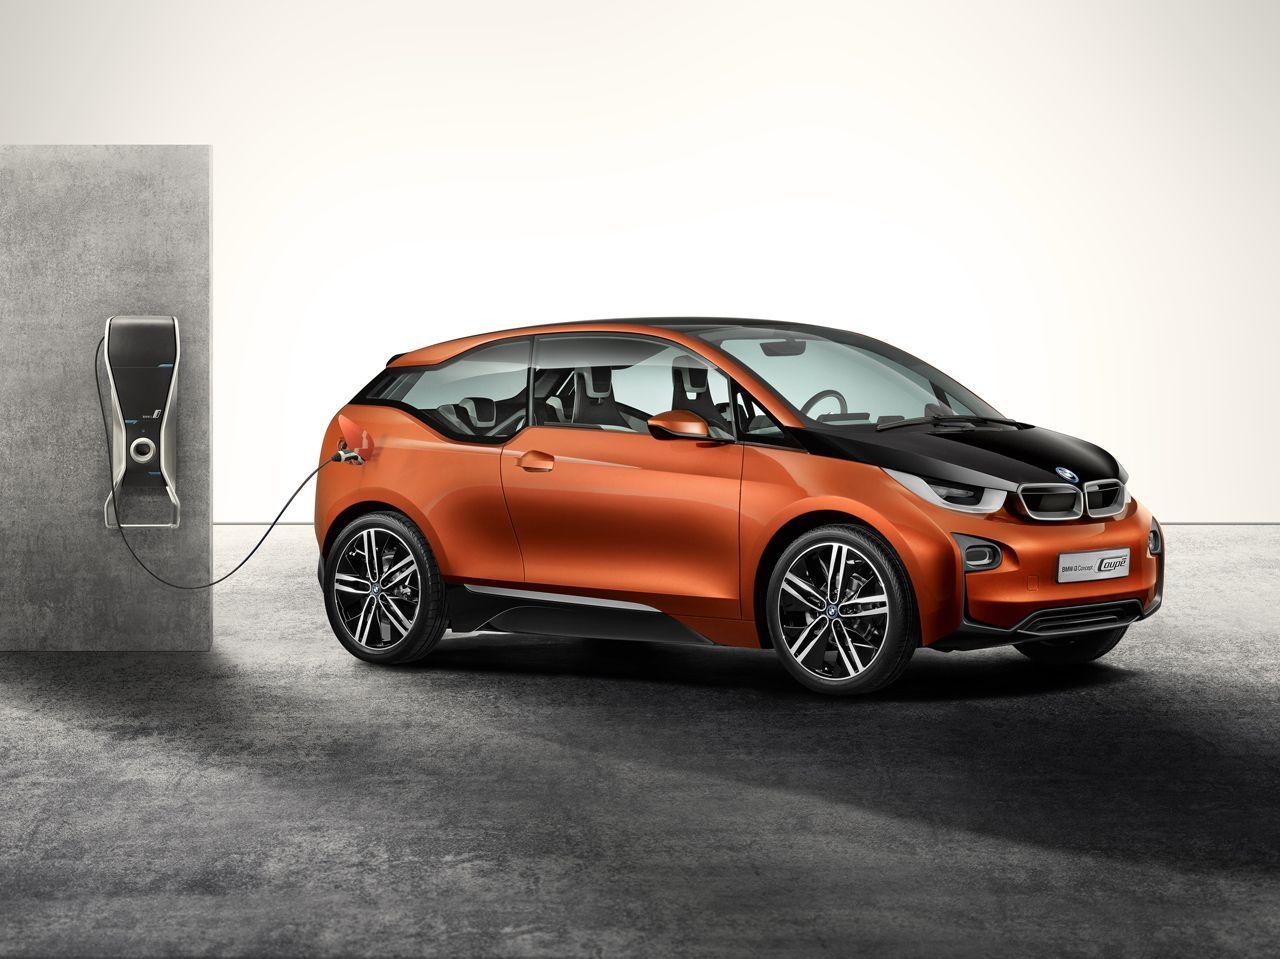 Promozioni auto Elettriche Maggio 2014: prezzi, modelli e offerte